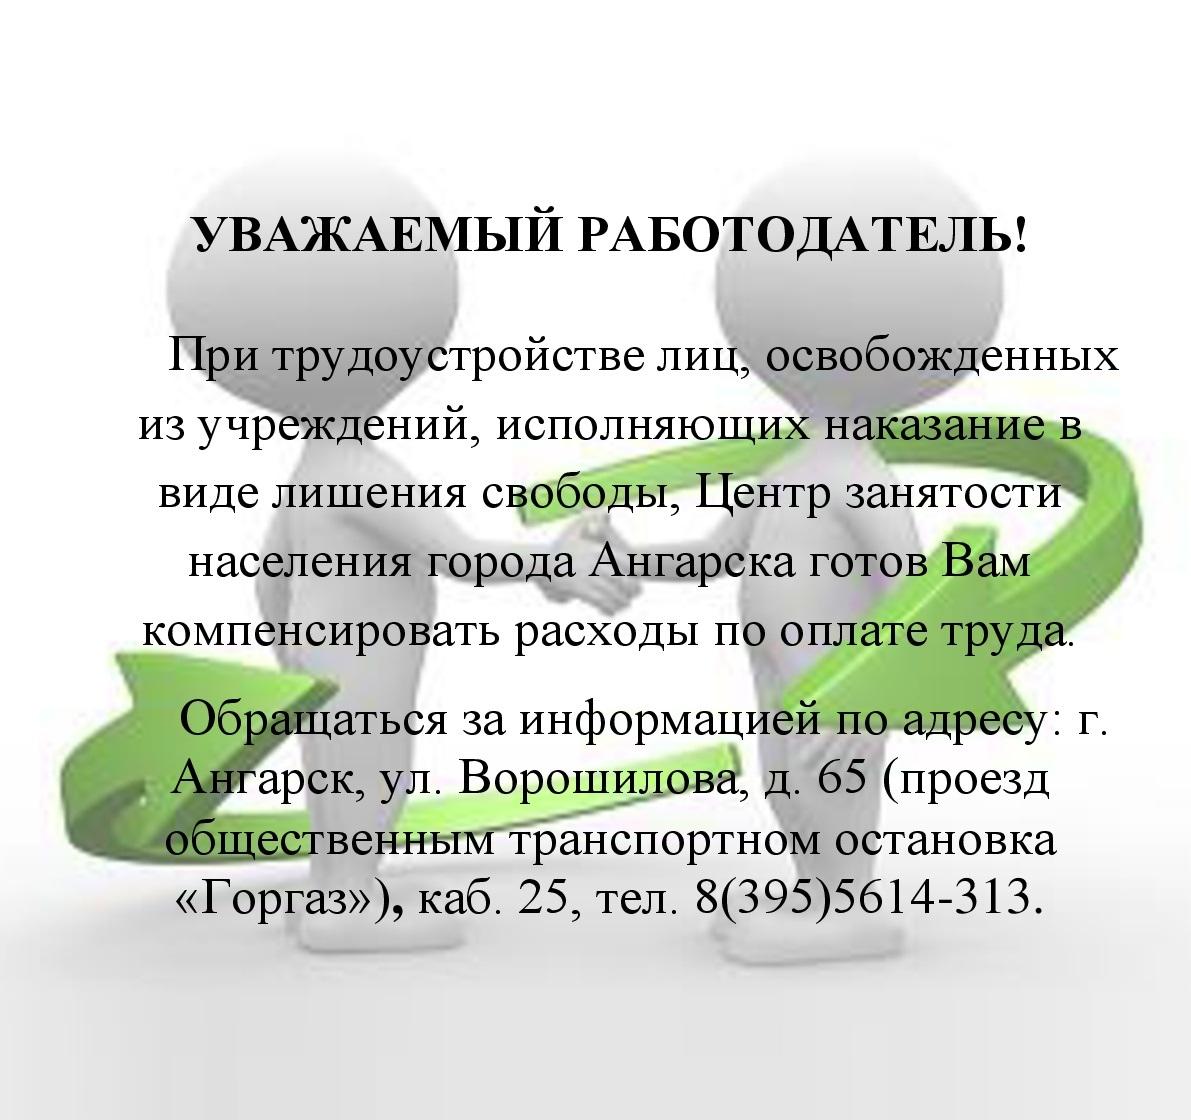 Объявление по освобожденным-002